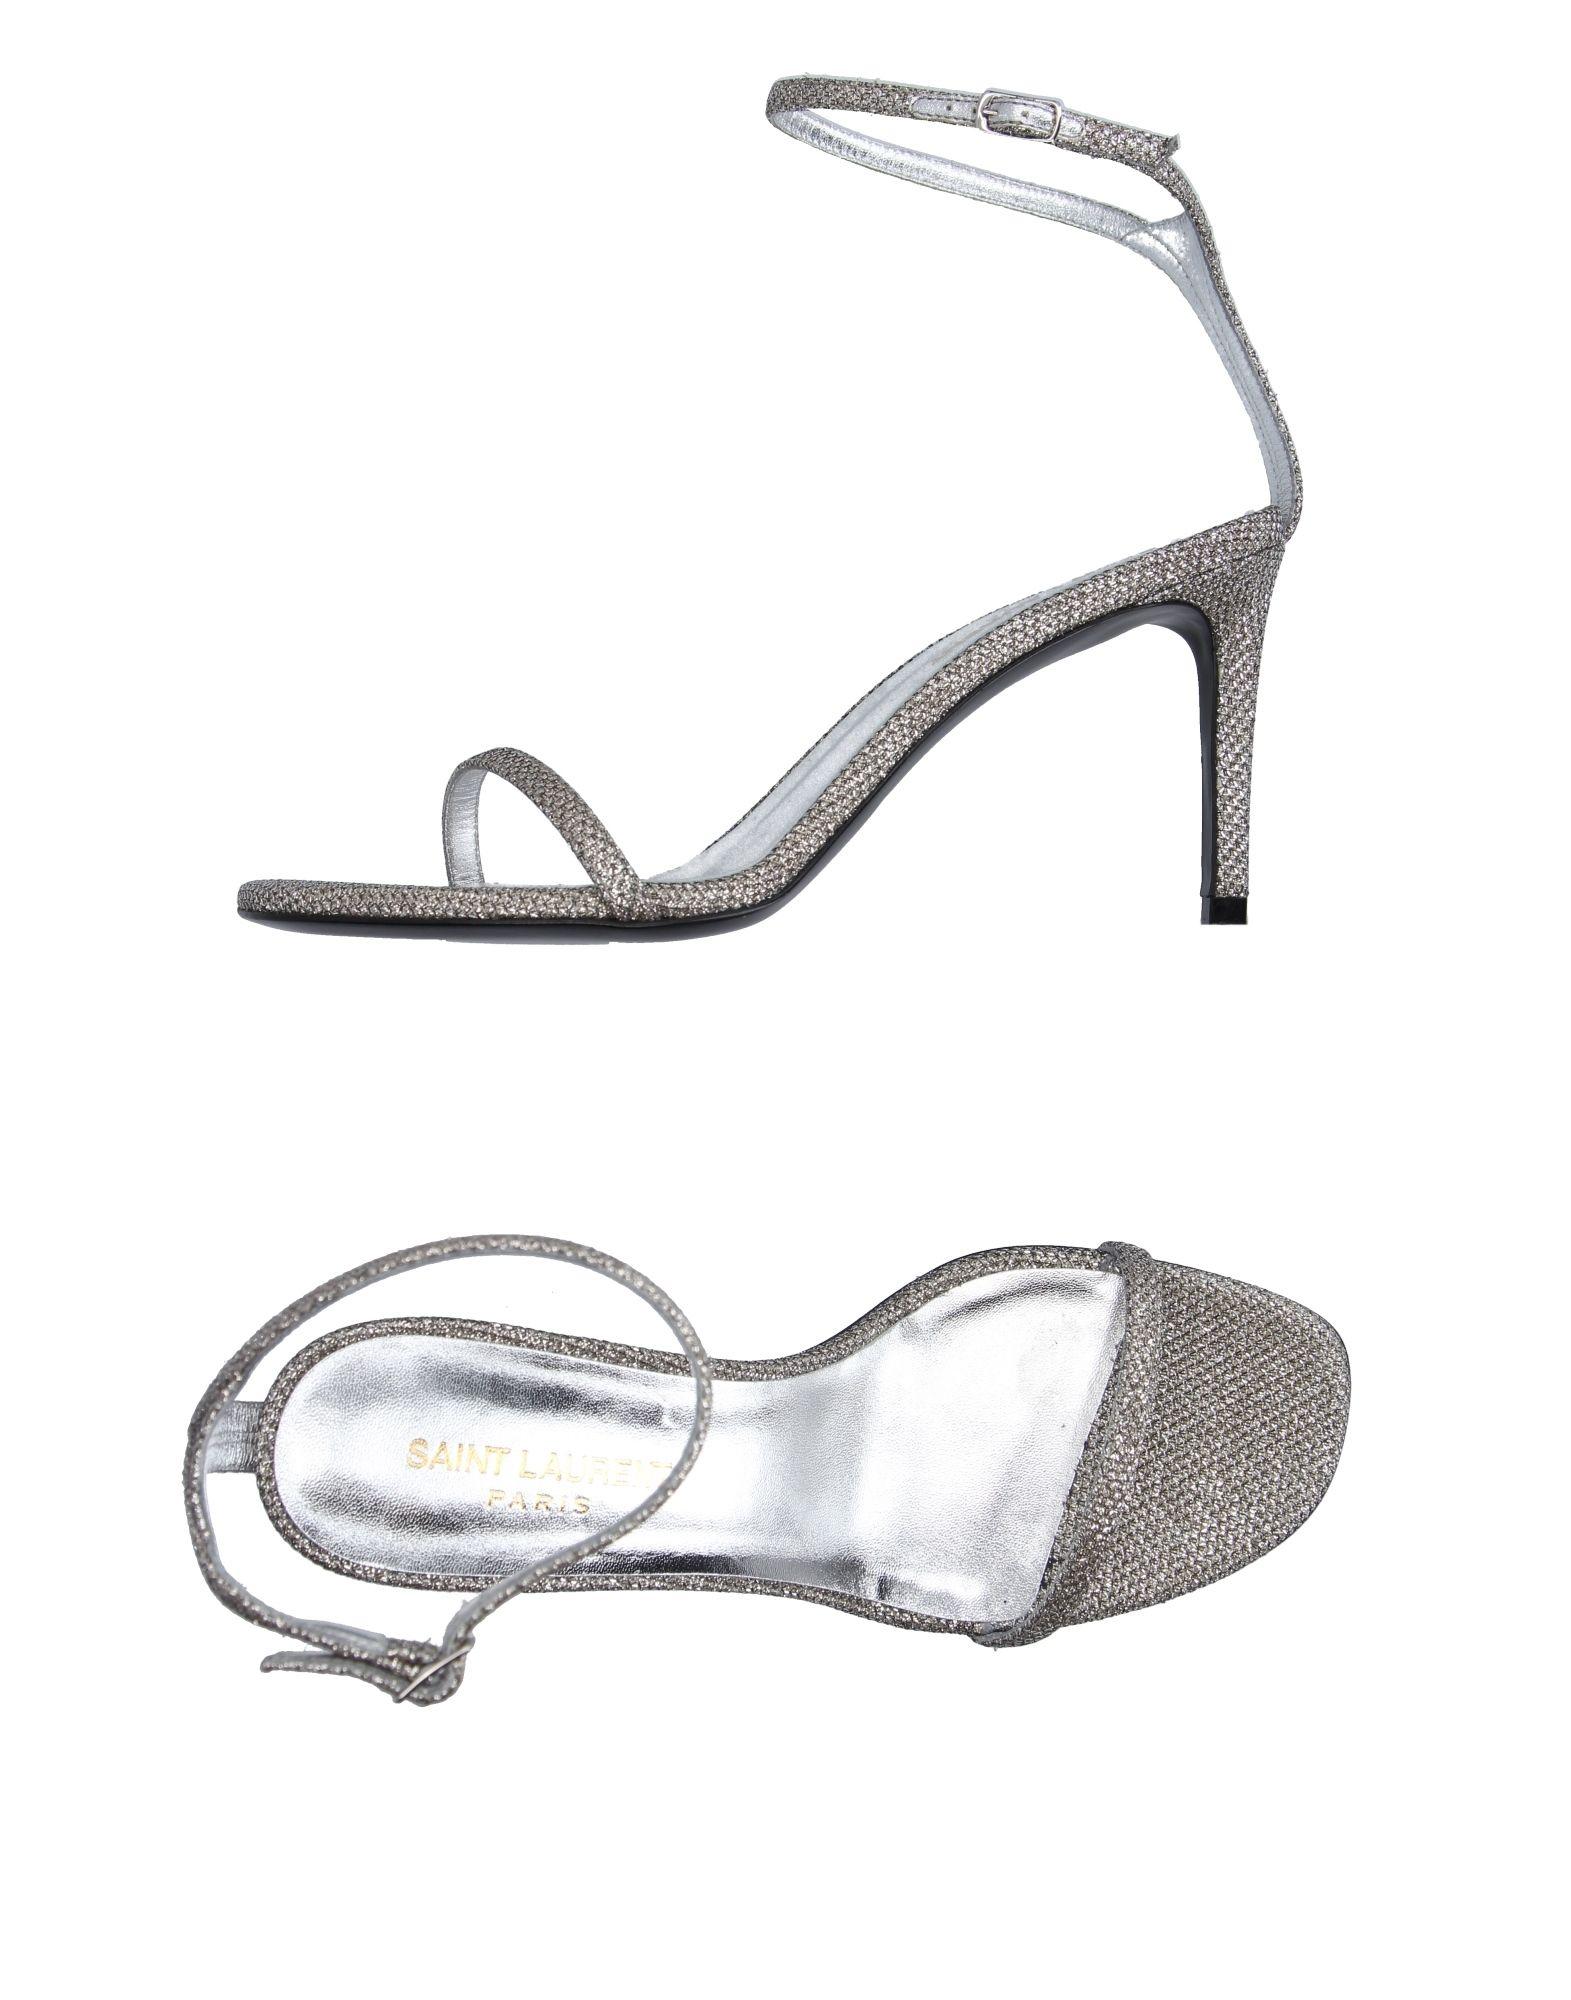 1571x2000 Ysl Women Footwear Sandals Store, Ysl Women Footwear Sandals Usa